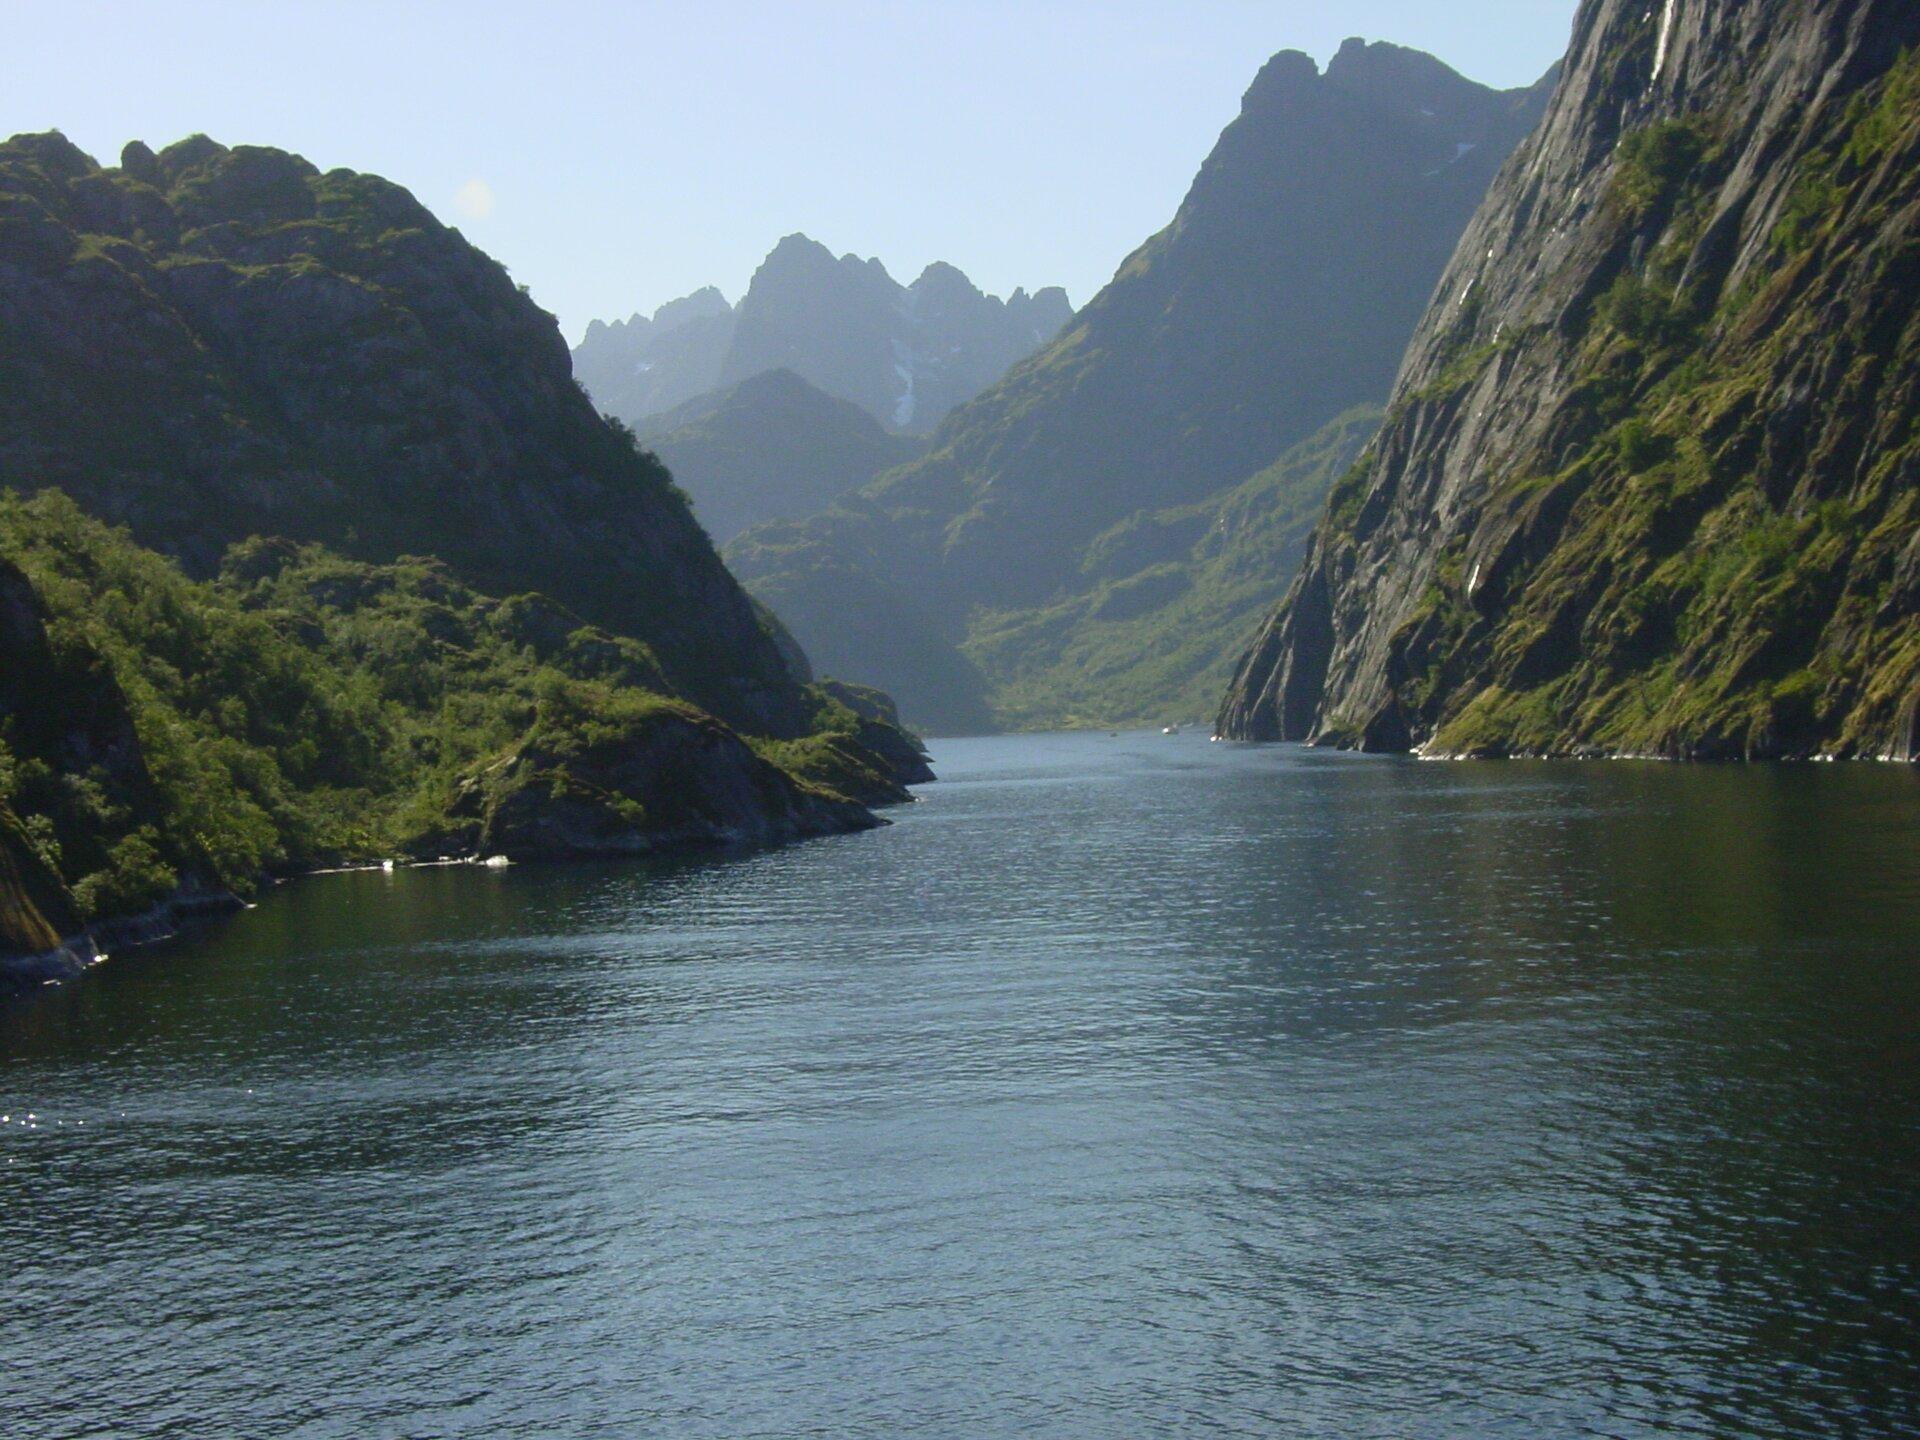 Na zdjęciu wybrzeże fiordowe. Długa wąska zatoka ostromych brzegach. Wtle wysokie góry. Stoki porośnięte roślinnością.